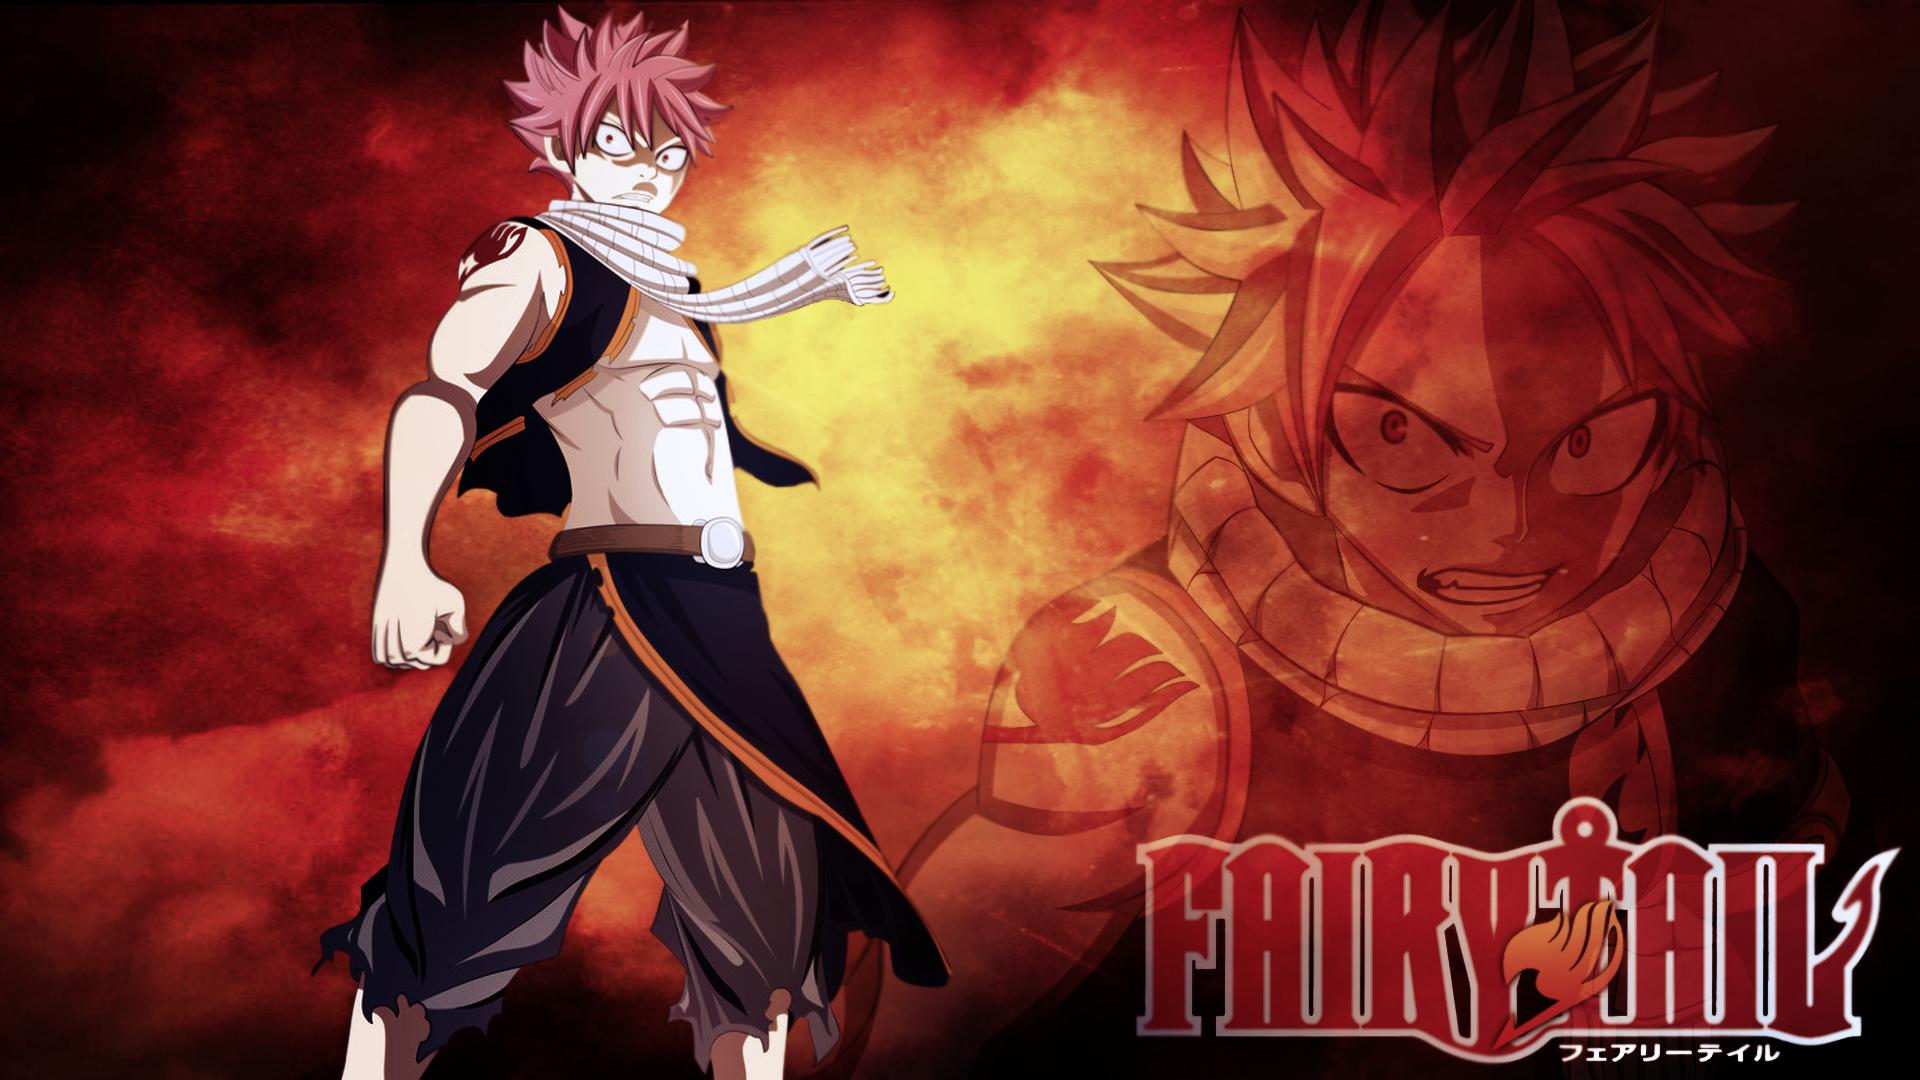 Unduh 1040+ Wallpaper Hd Fairy Tail HD Gratid